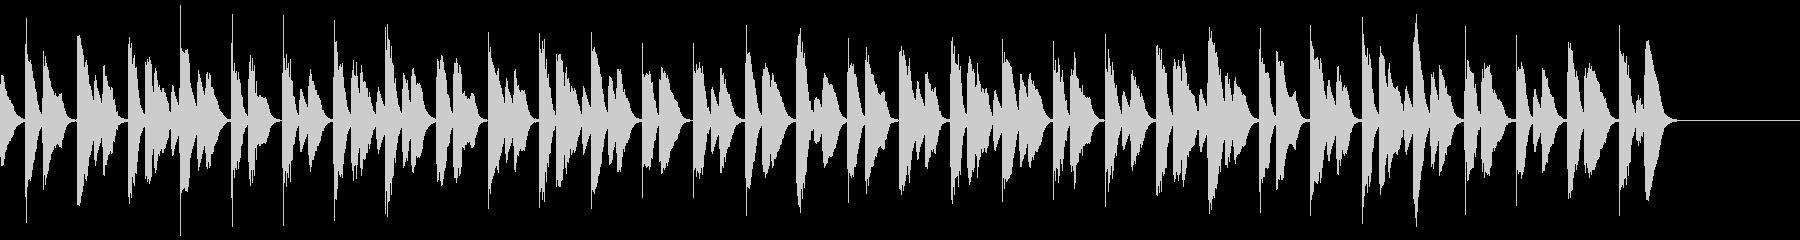 軽やかな30秒ピアノCMの未再生の波形